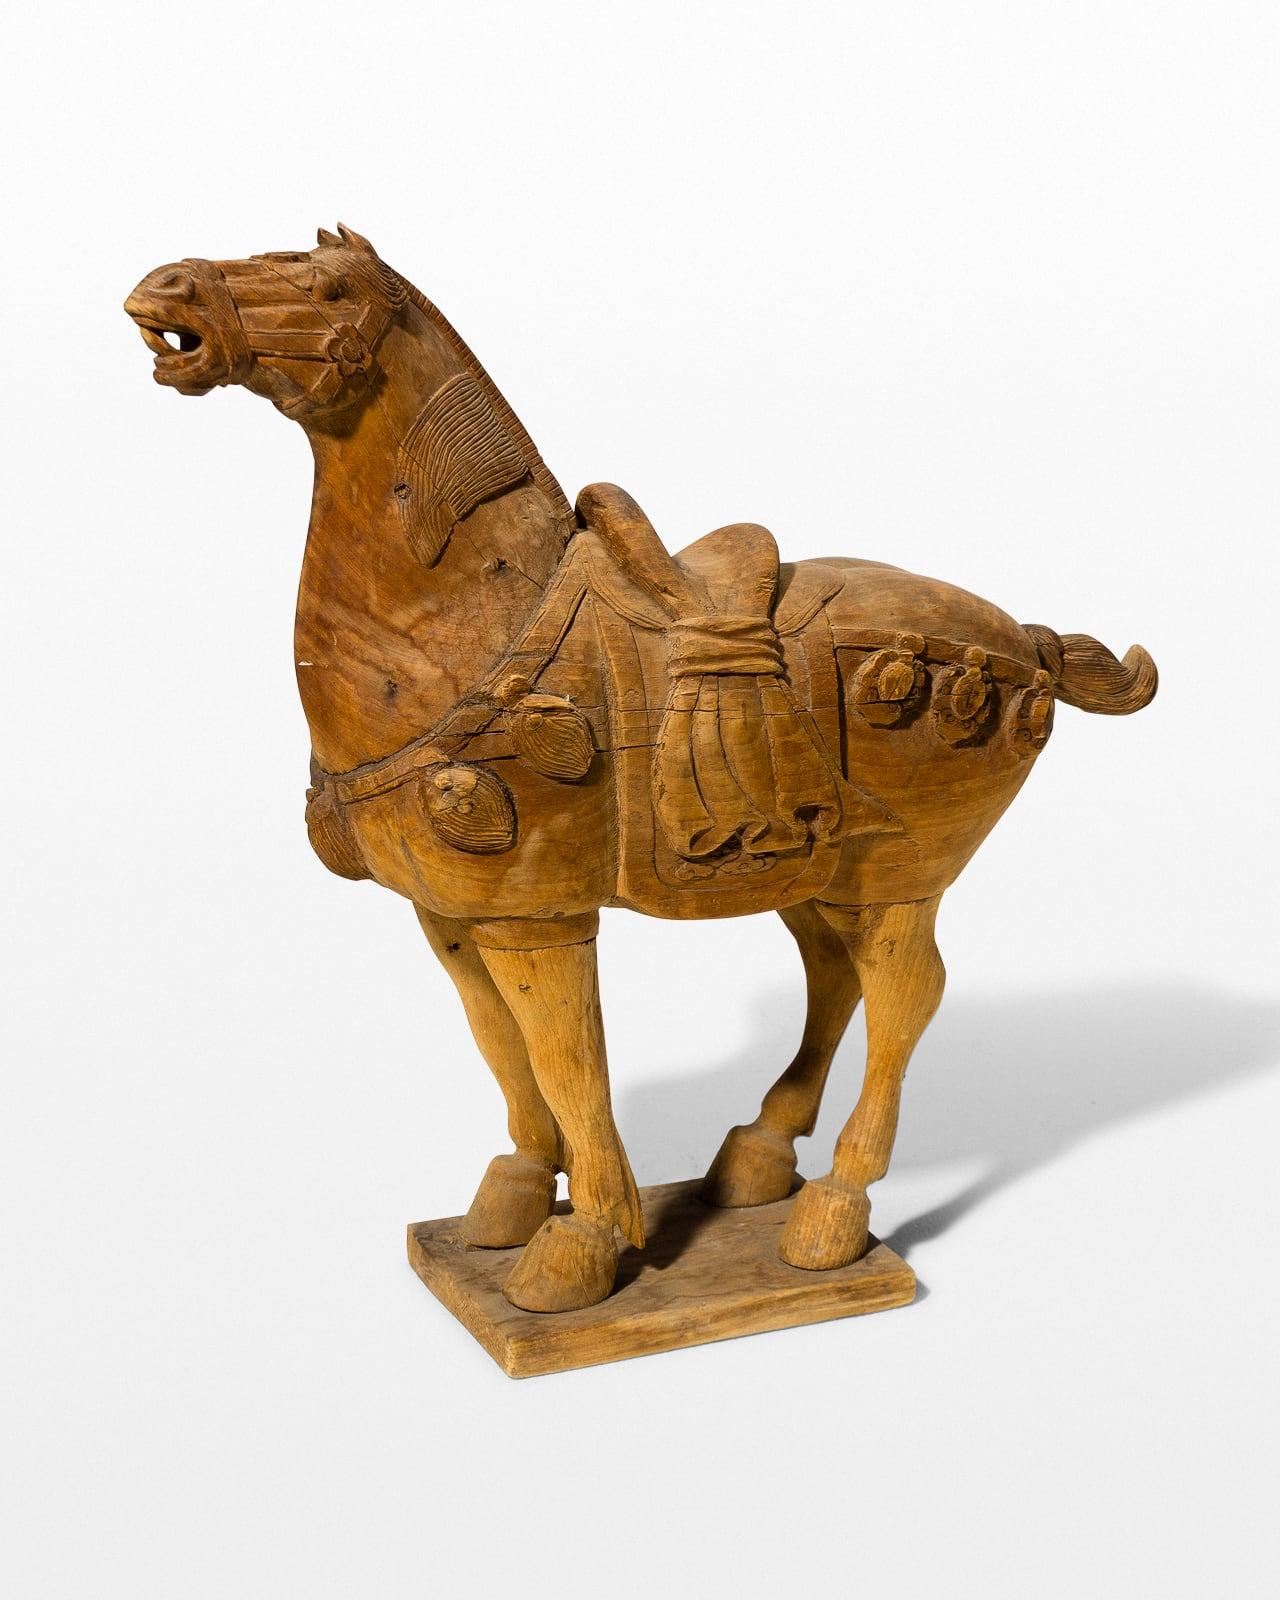 Sb060 Dilling Wooden Horse Sculpture Prop Rental Acme